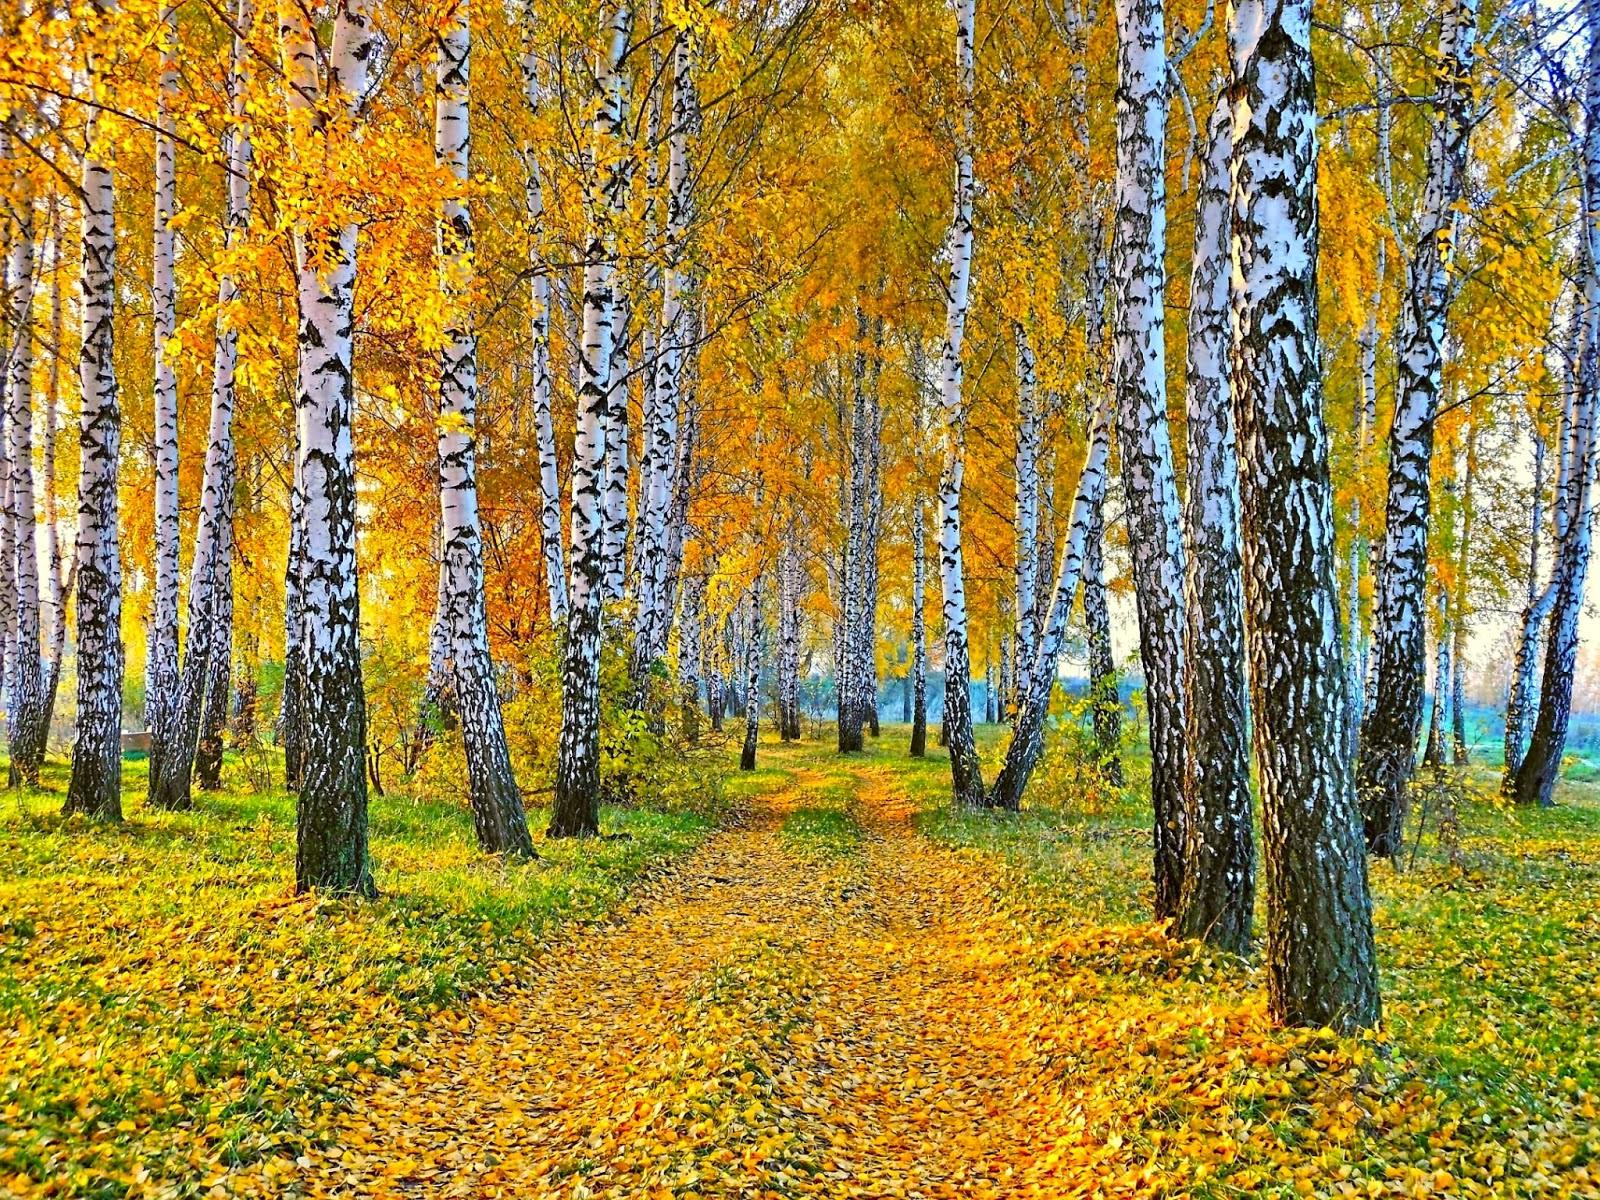 Achtergrond met berken bomen in de herfst